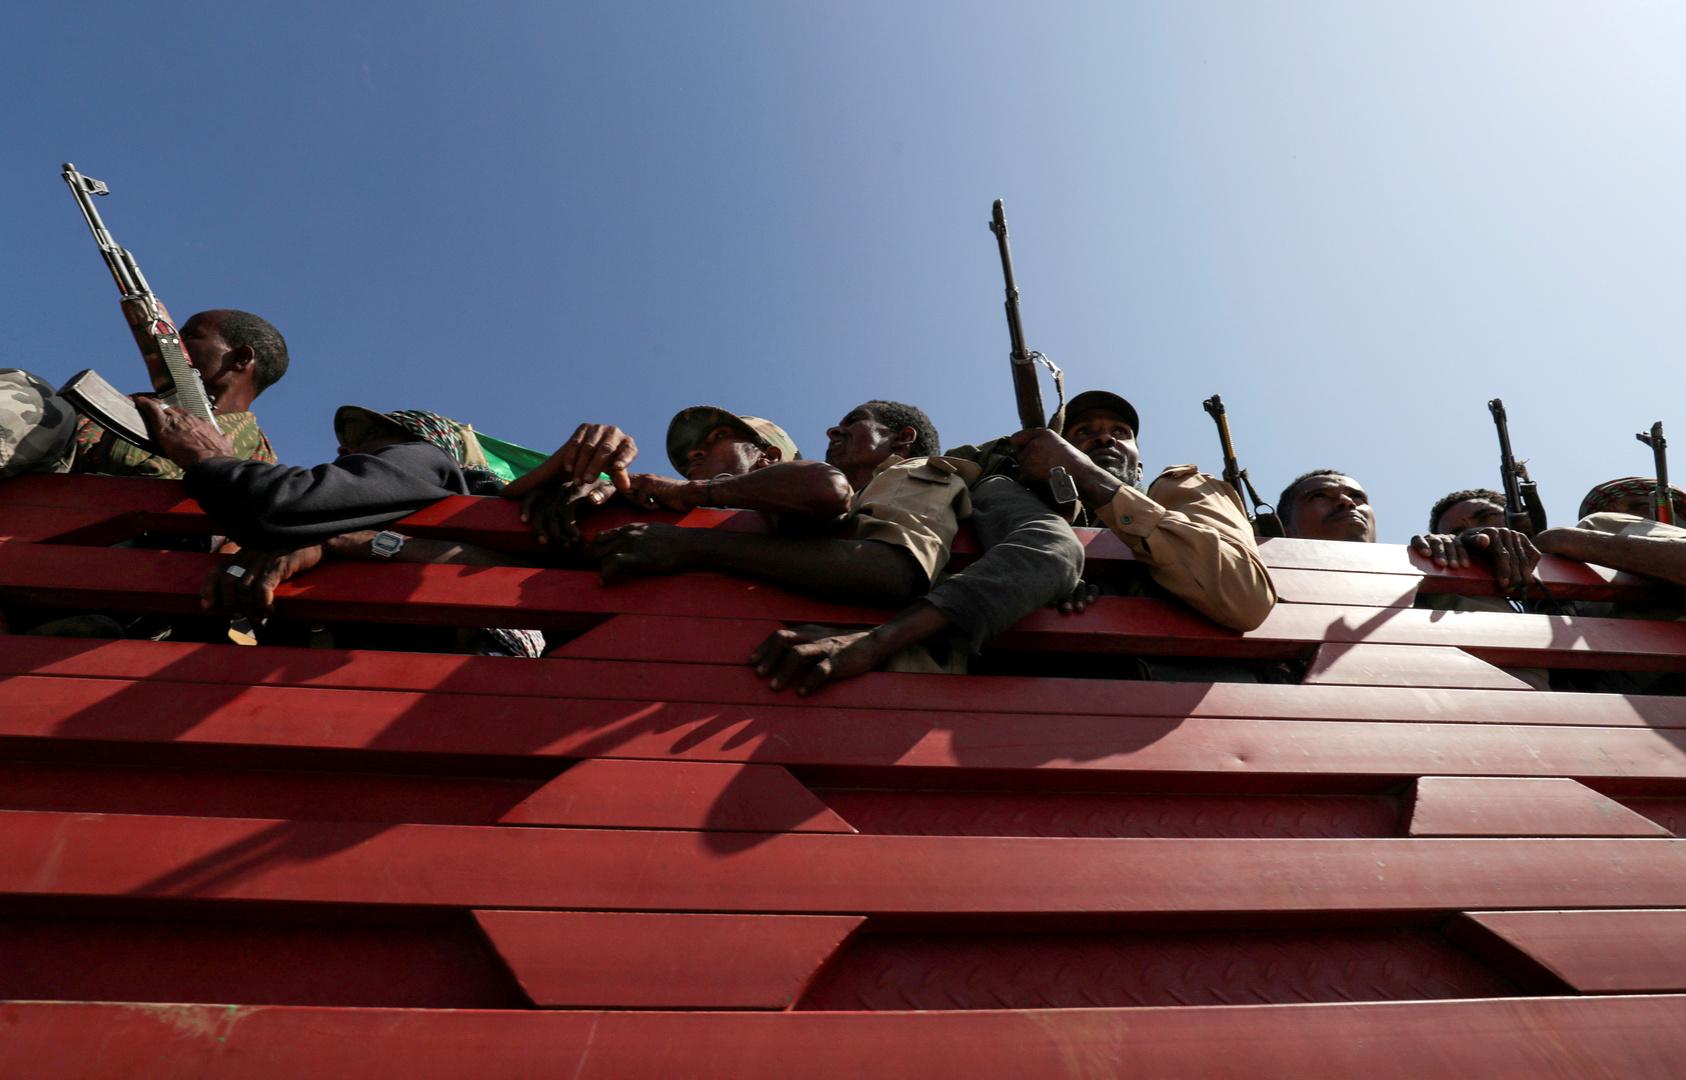 حكومة إثيوبيا تعلن استعادة قواتها مدينة أخرى في تيغراي ومواصلتها التقدم نحو عاصمة الإقليم